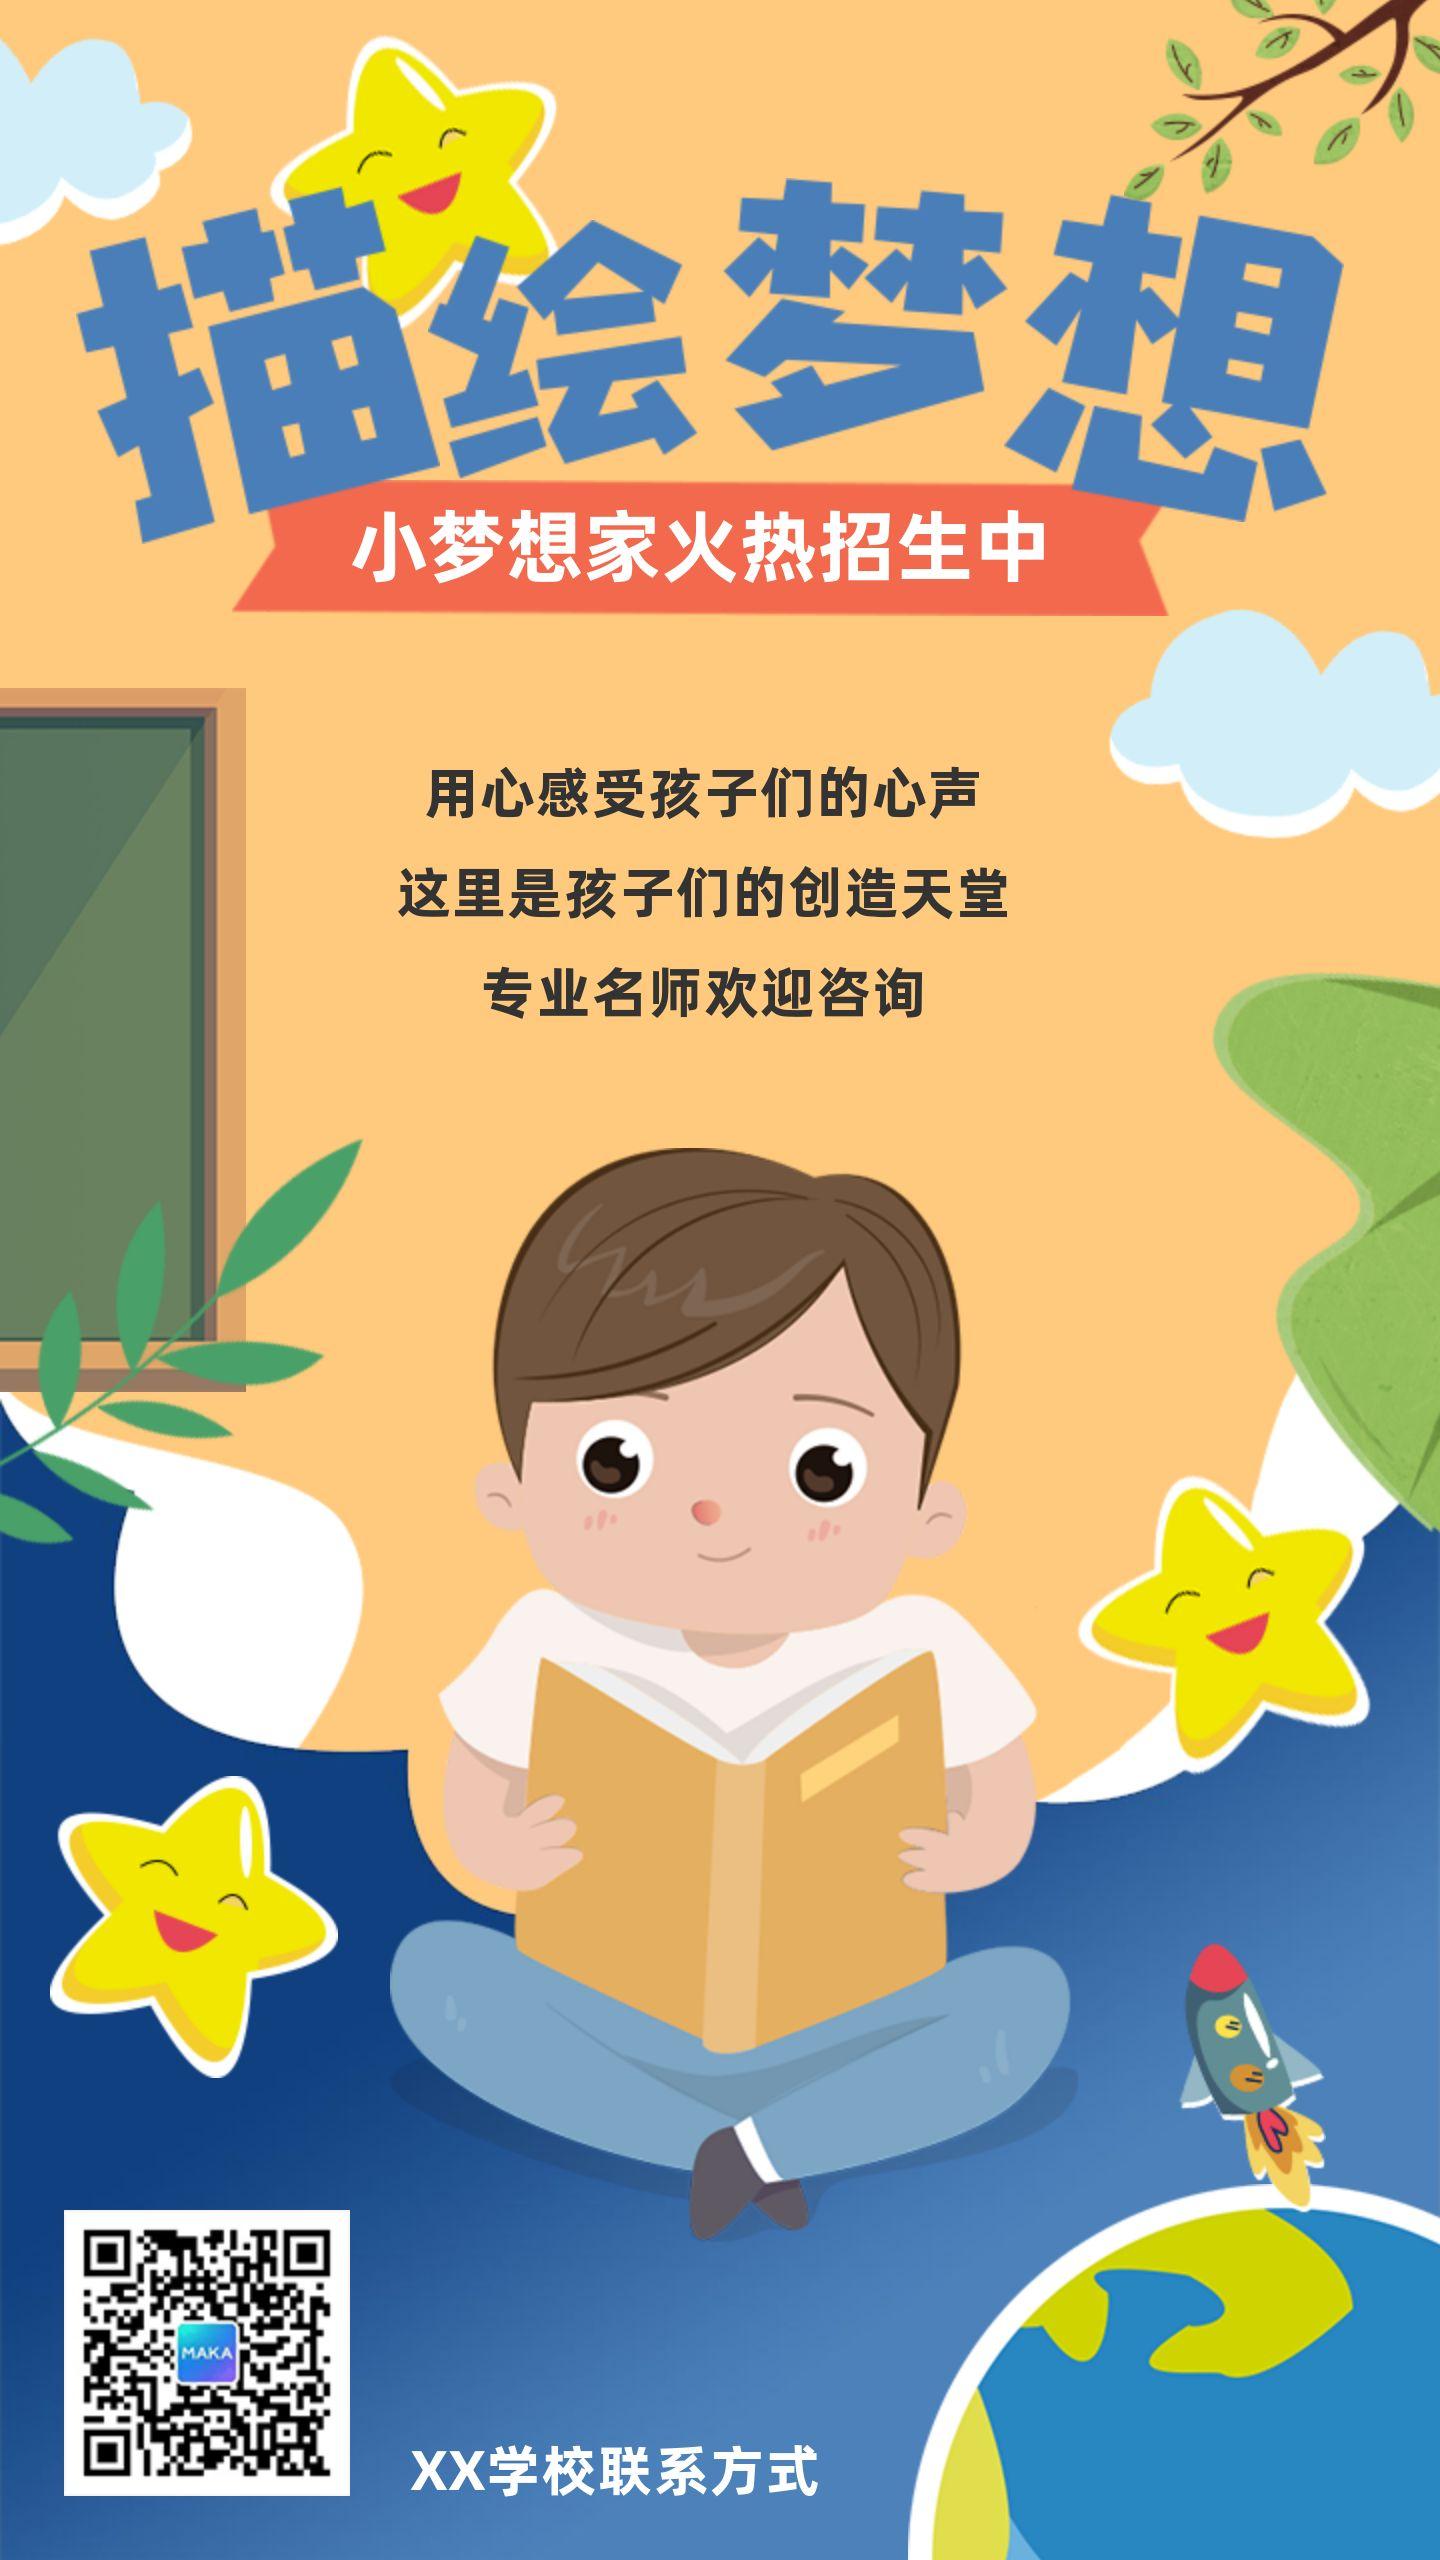 卡通教育艺术培训机构招生模板